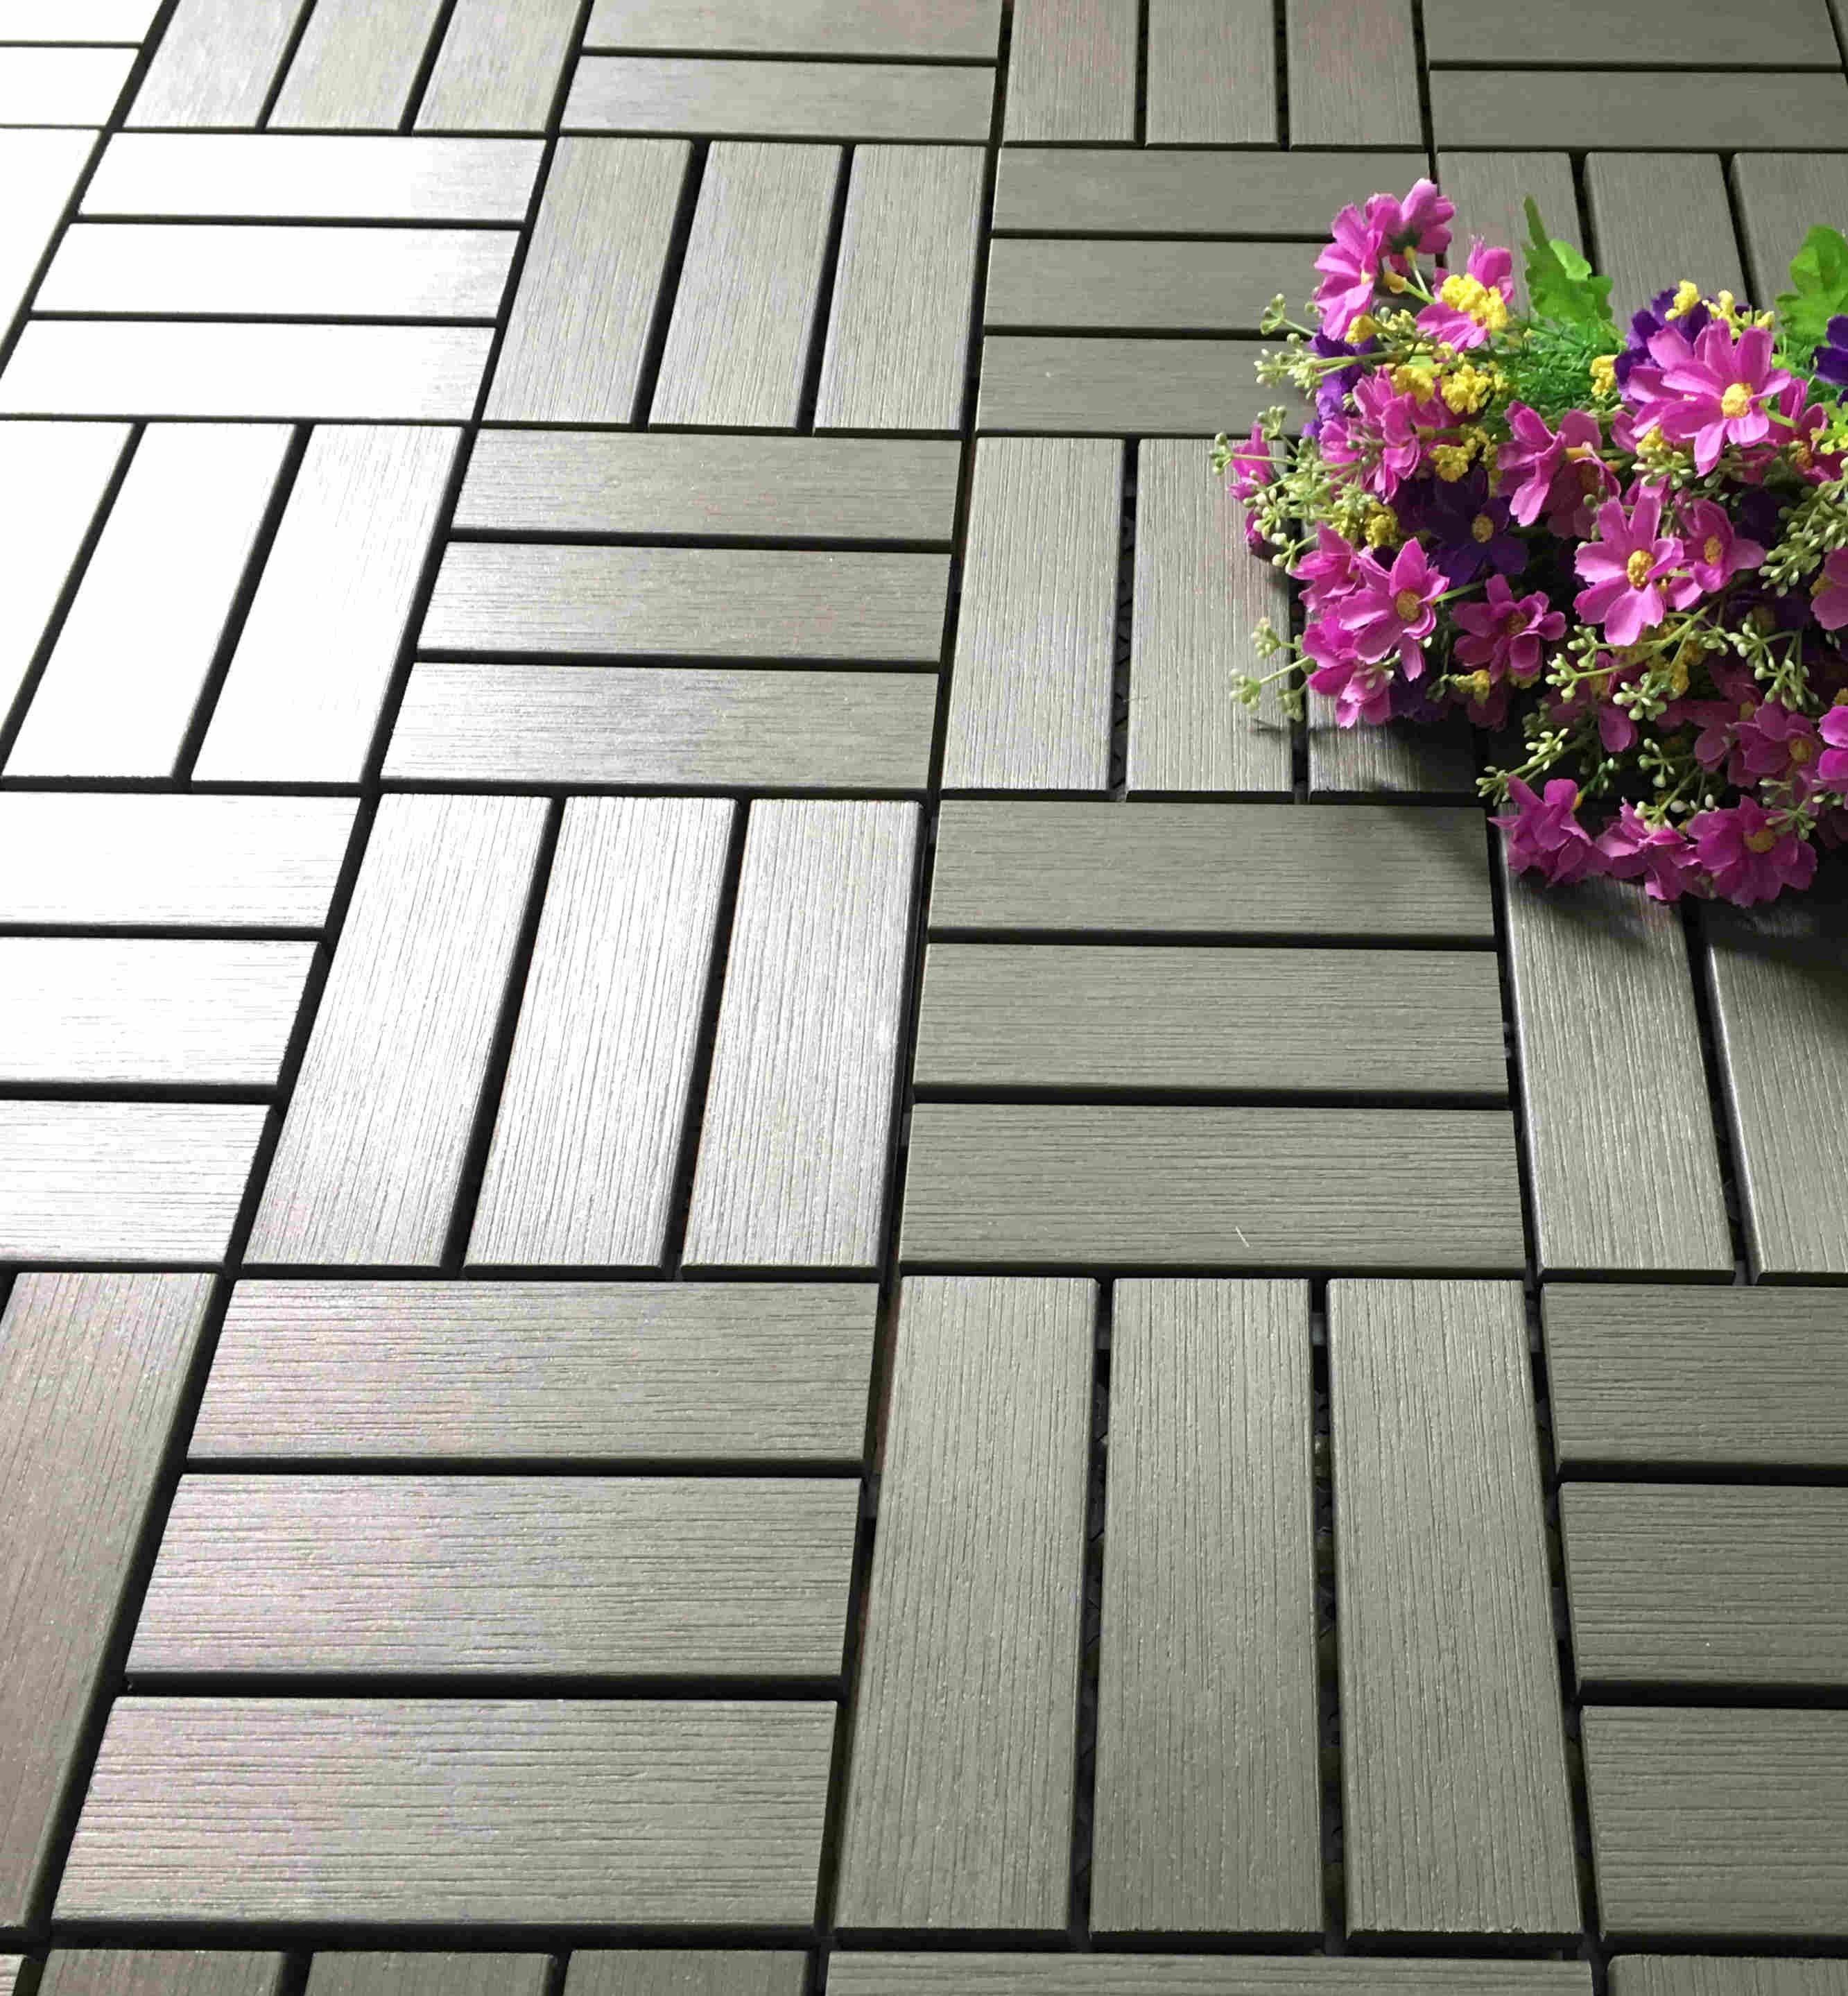 JIABANG Garden path plastic deck tiles PS12P30312DGH Plastic Deck Tile image68